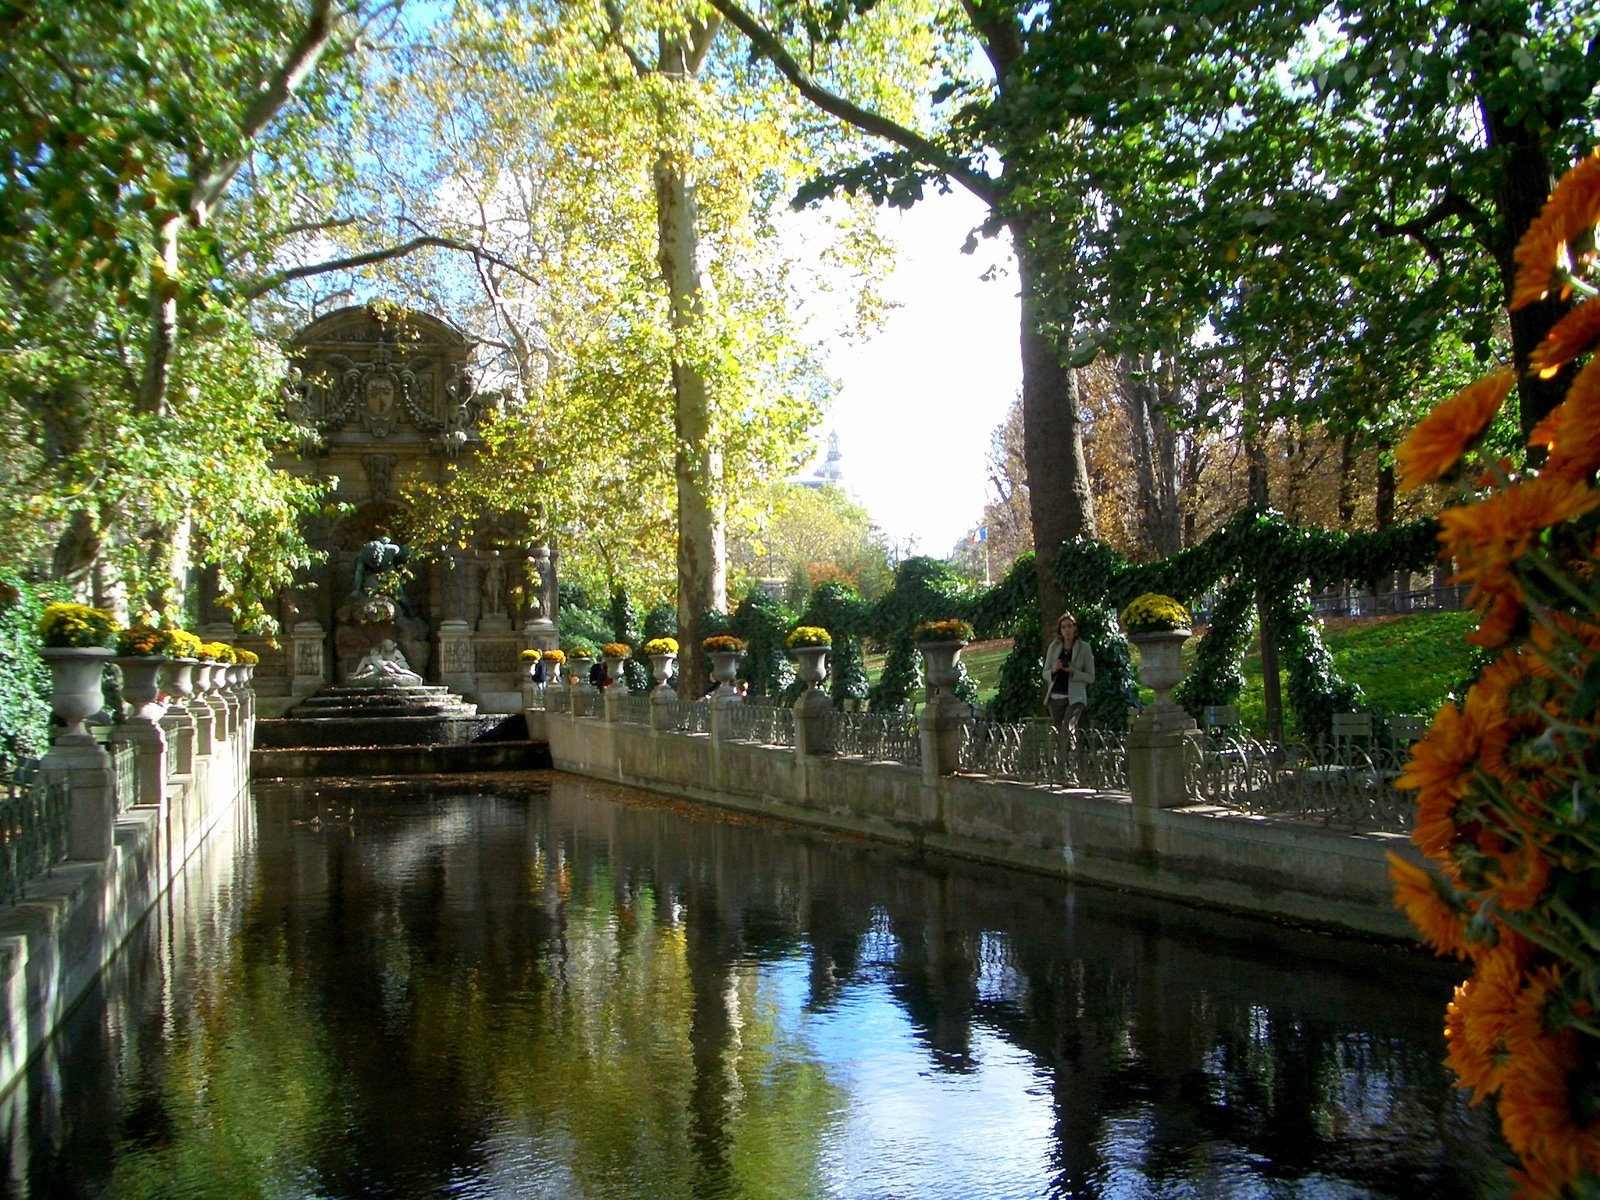 Le quartier latin au coeur de notre weekend paris for Piscine jardin du luxembourg